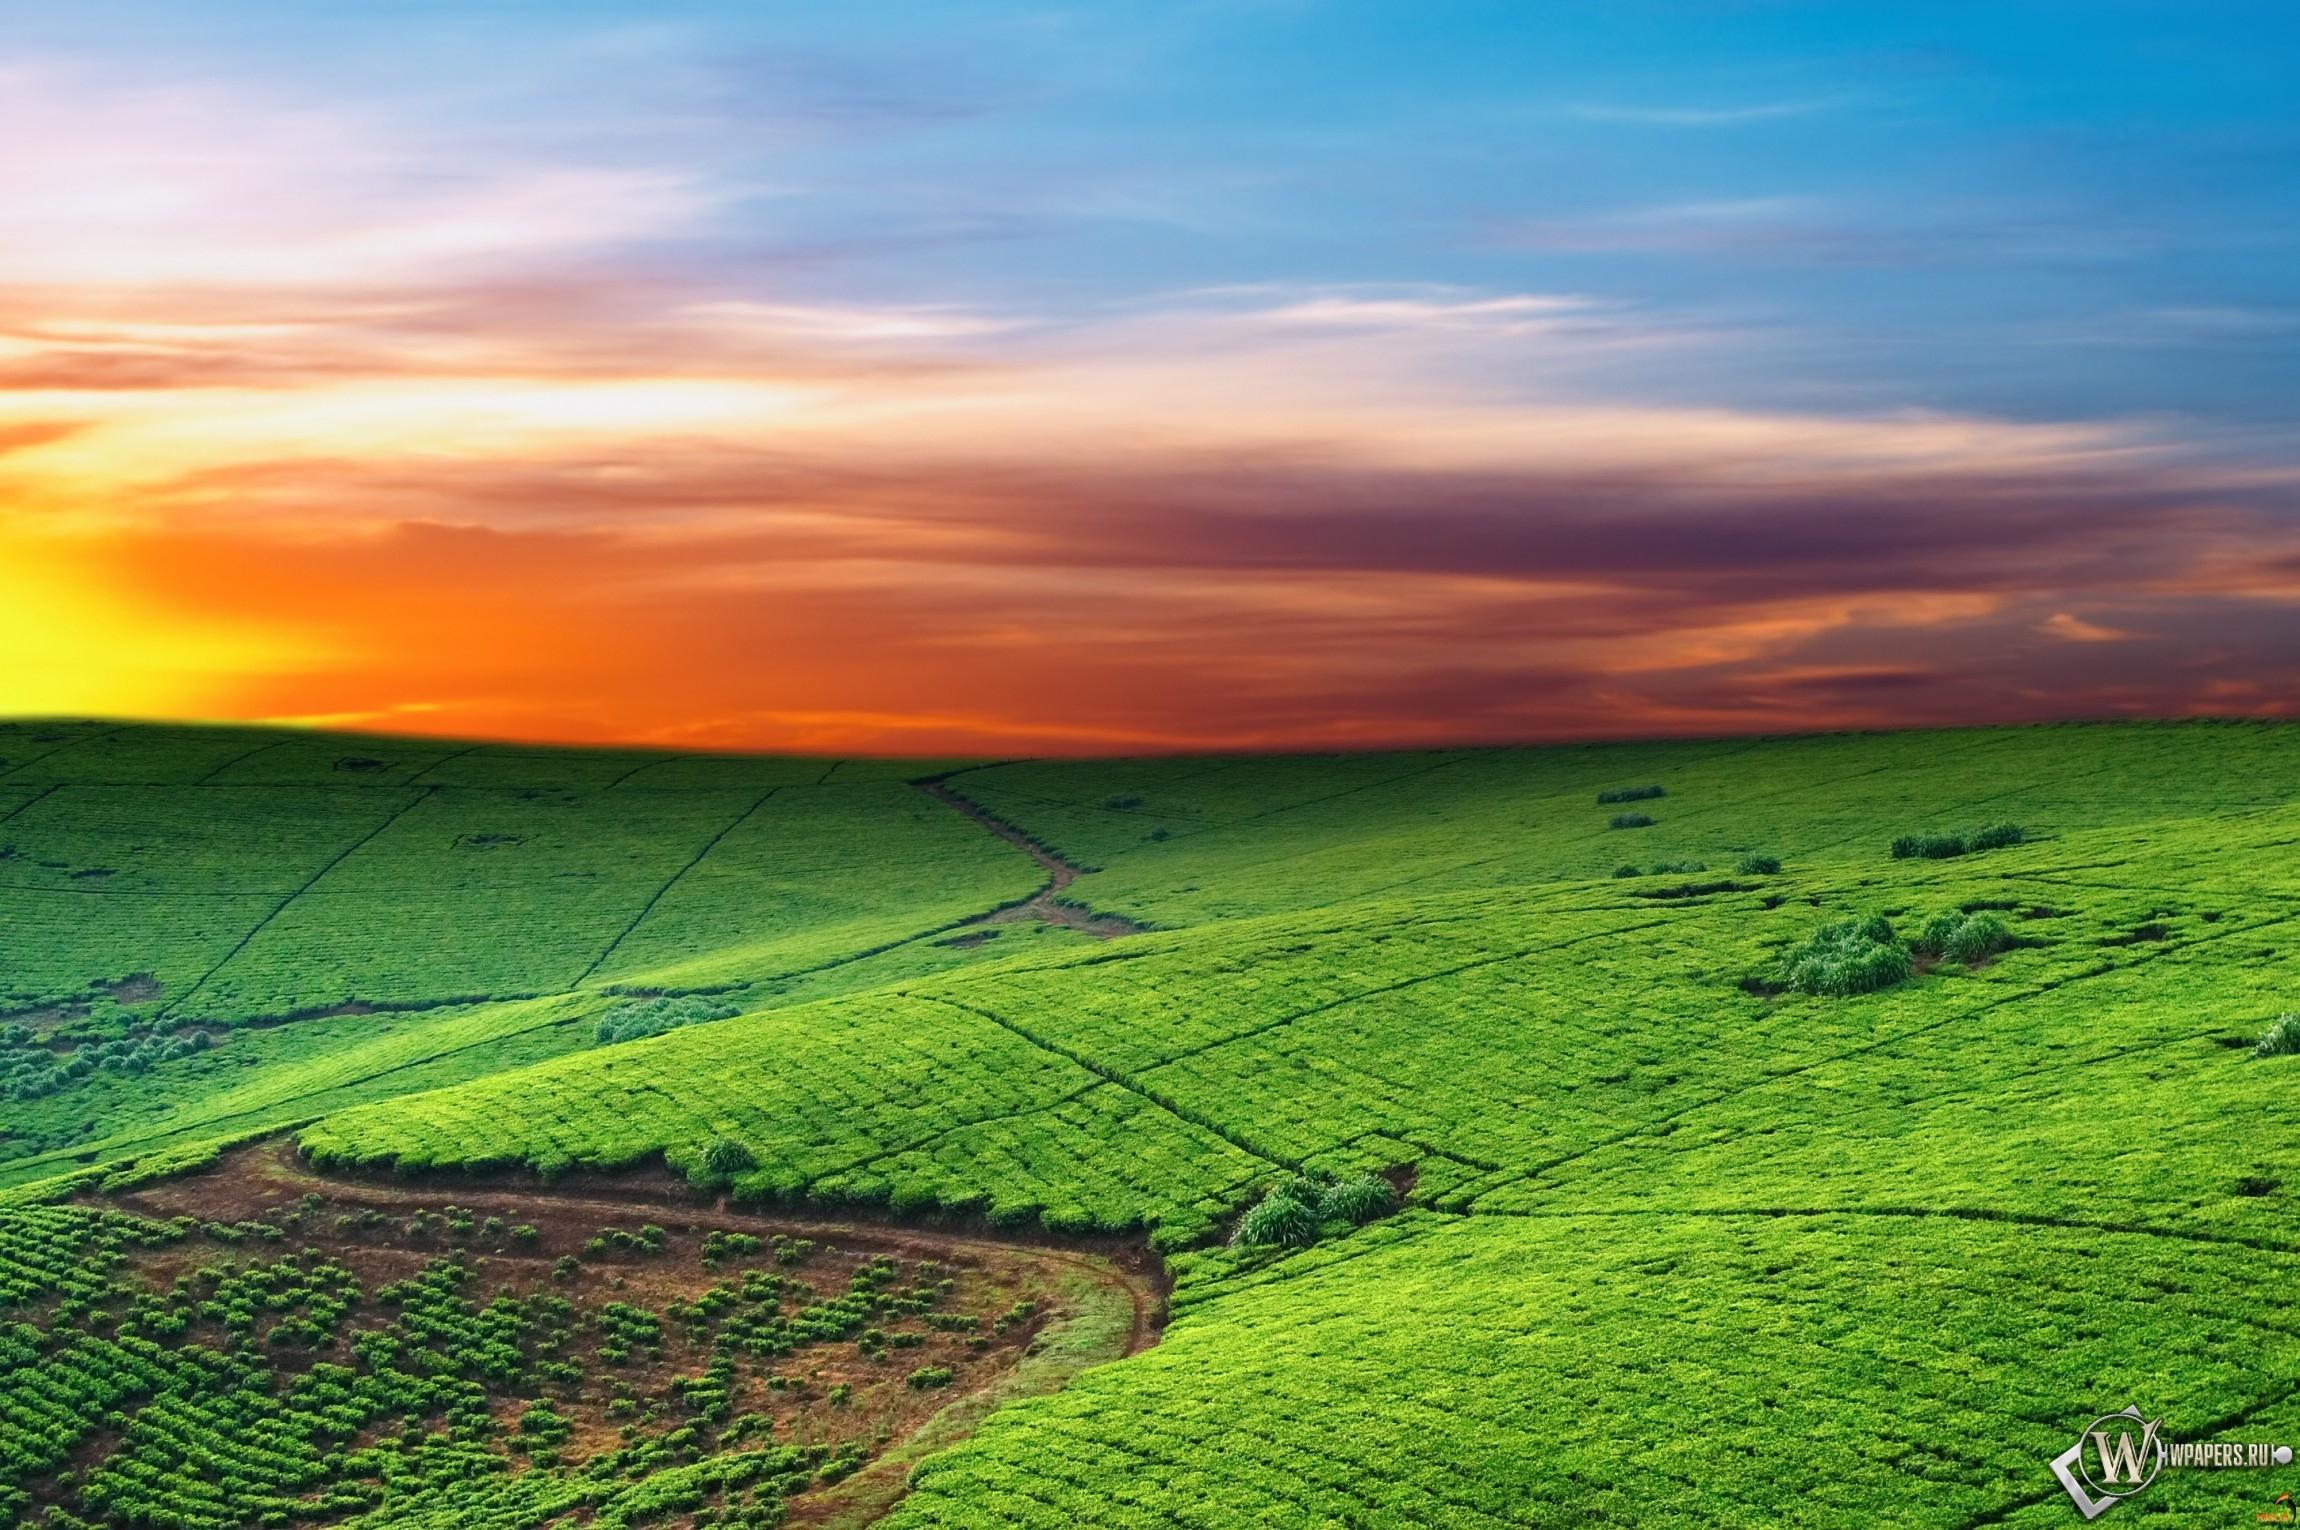 Красивые поля 2300x1530